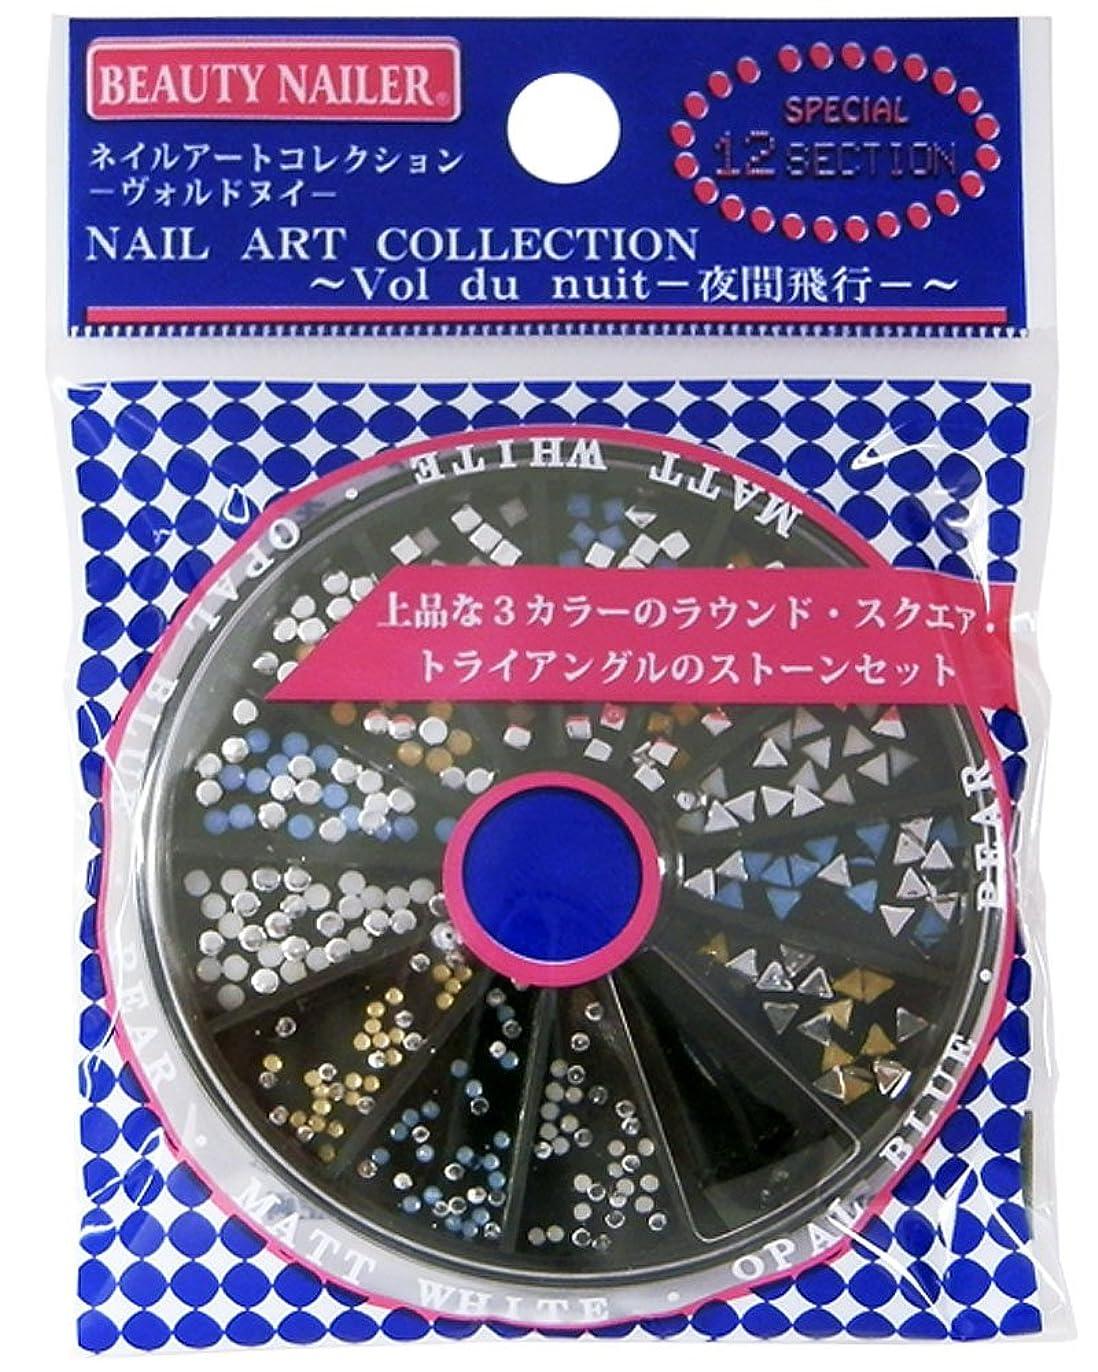 取り囲む独立してレキシコンビューティーネイラー ネイルアートコレクション NAA-46